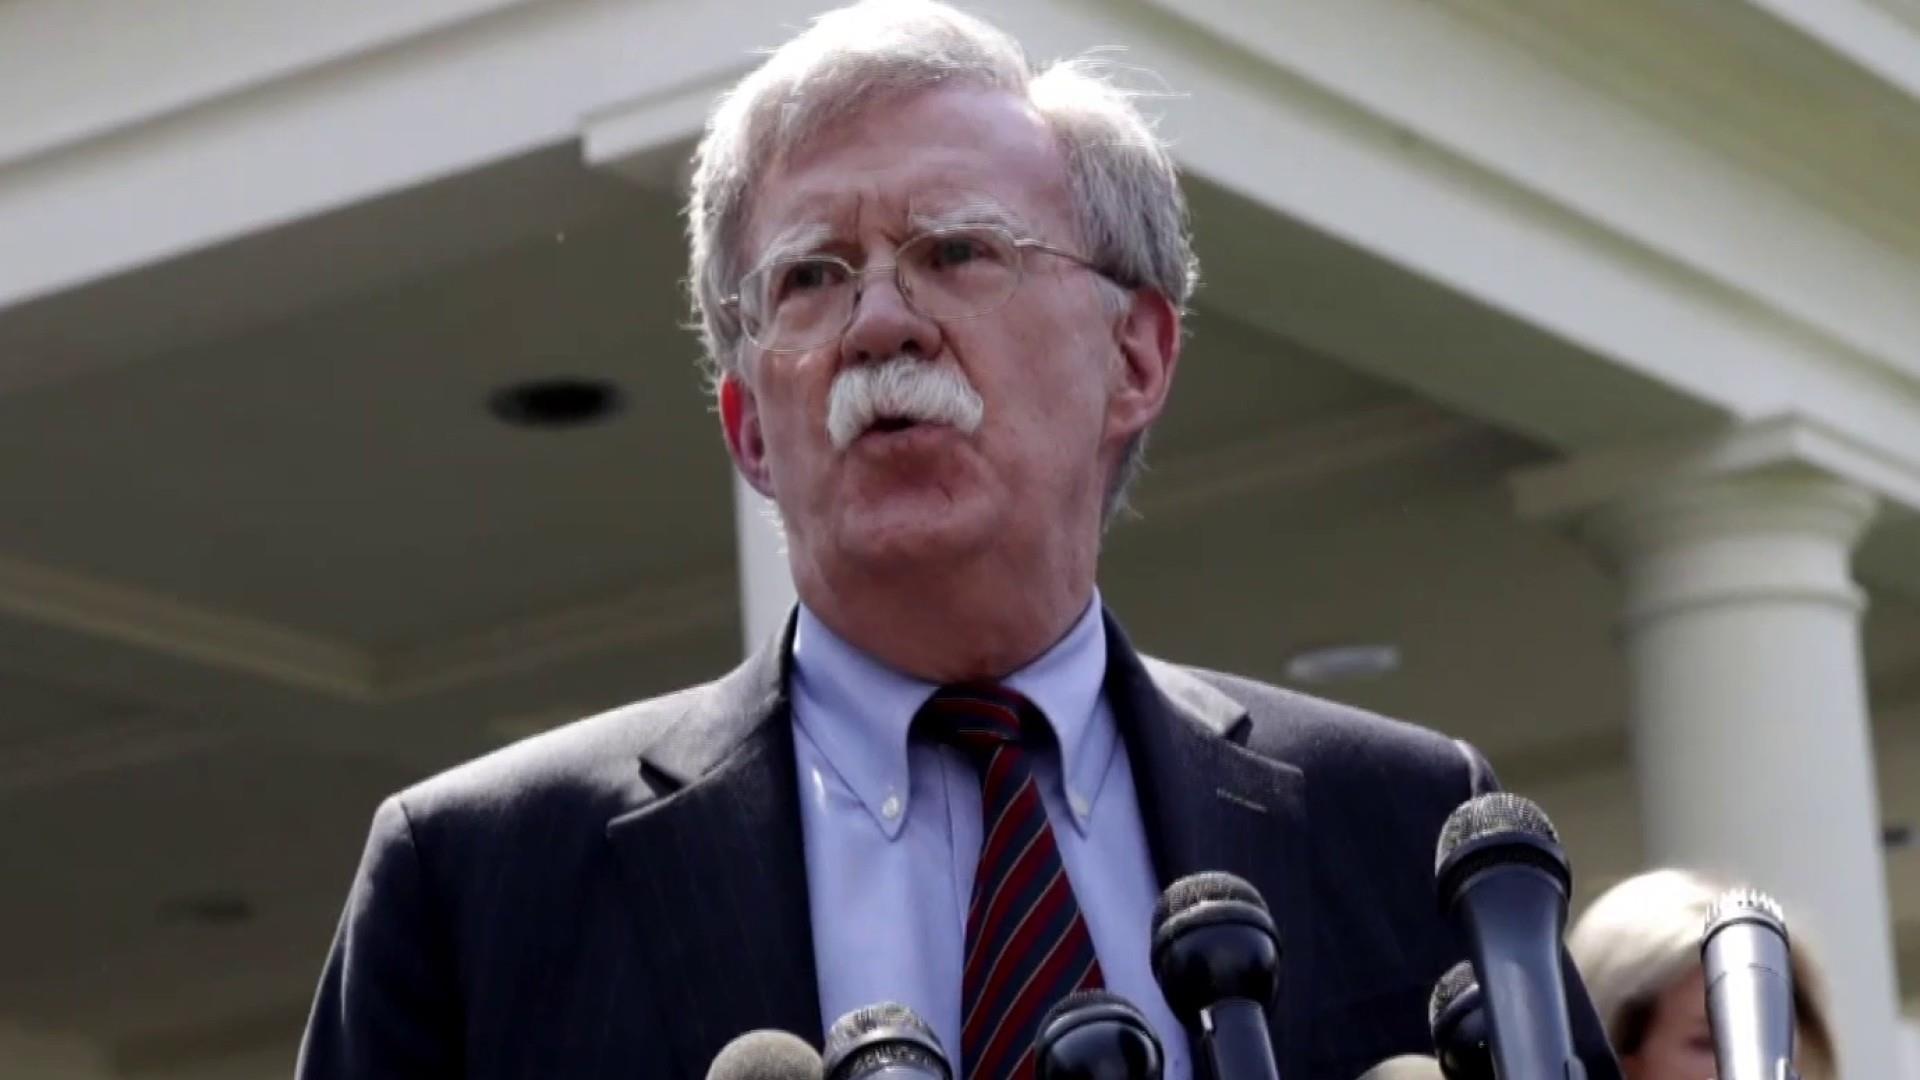 Senators demand answers from Trump admin on Iran threat